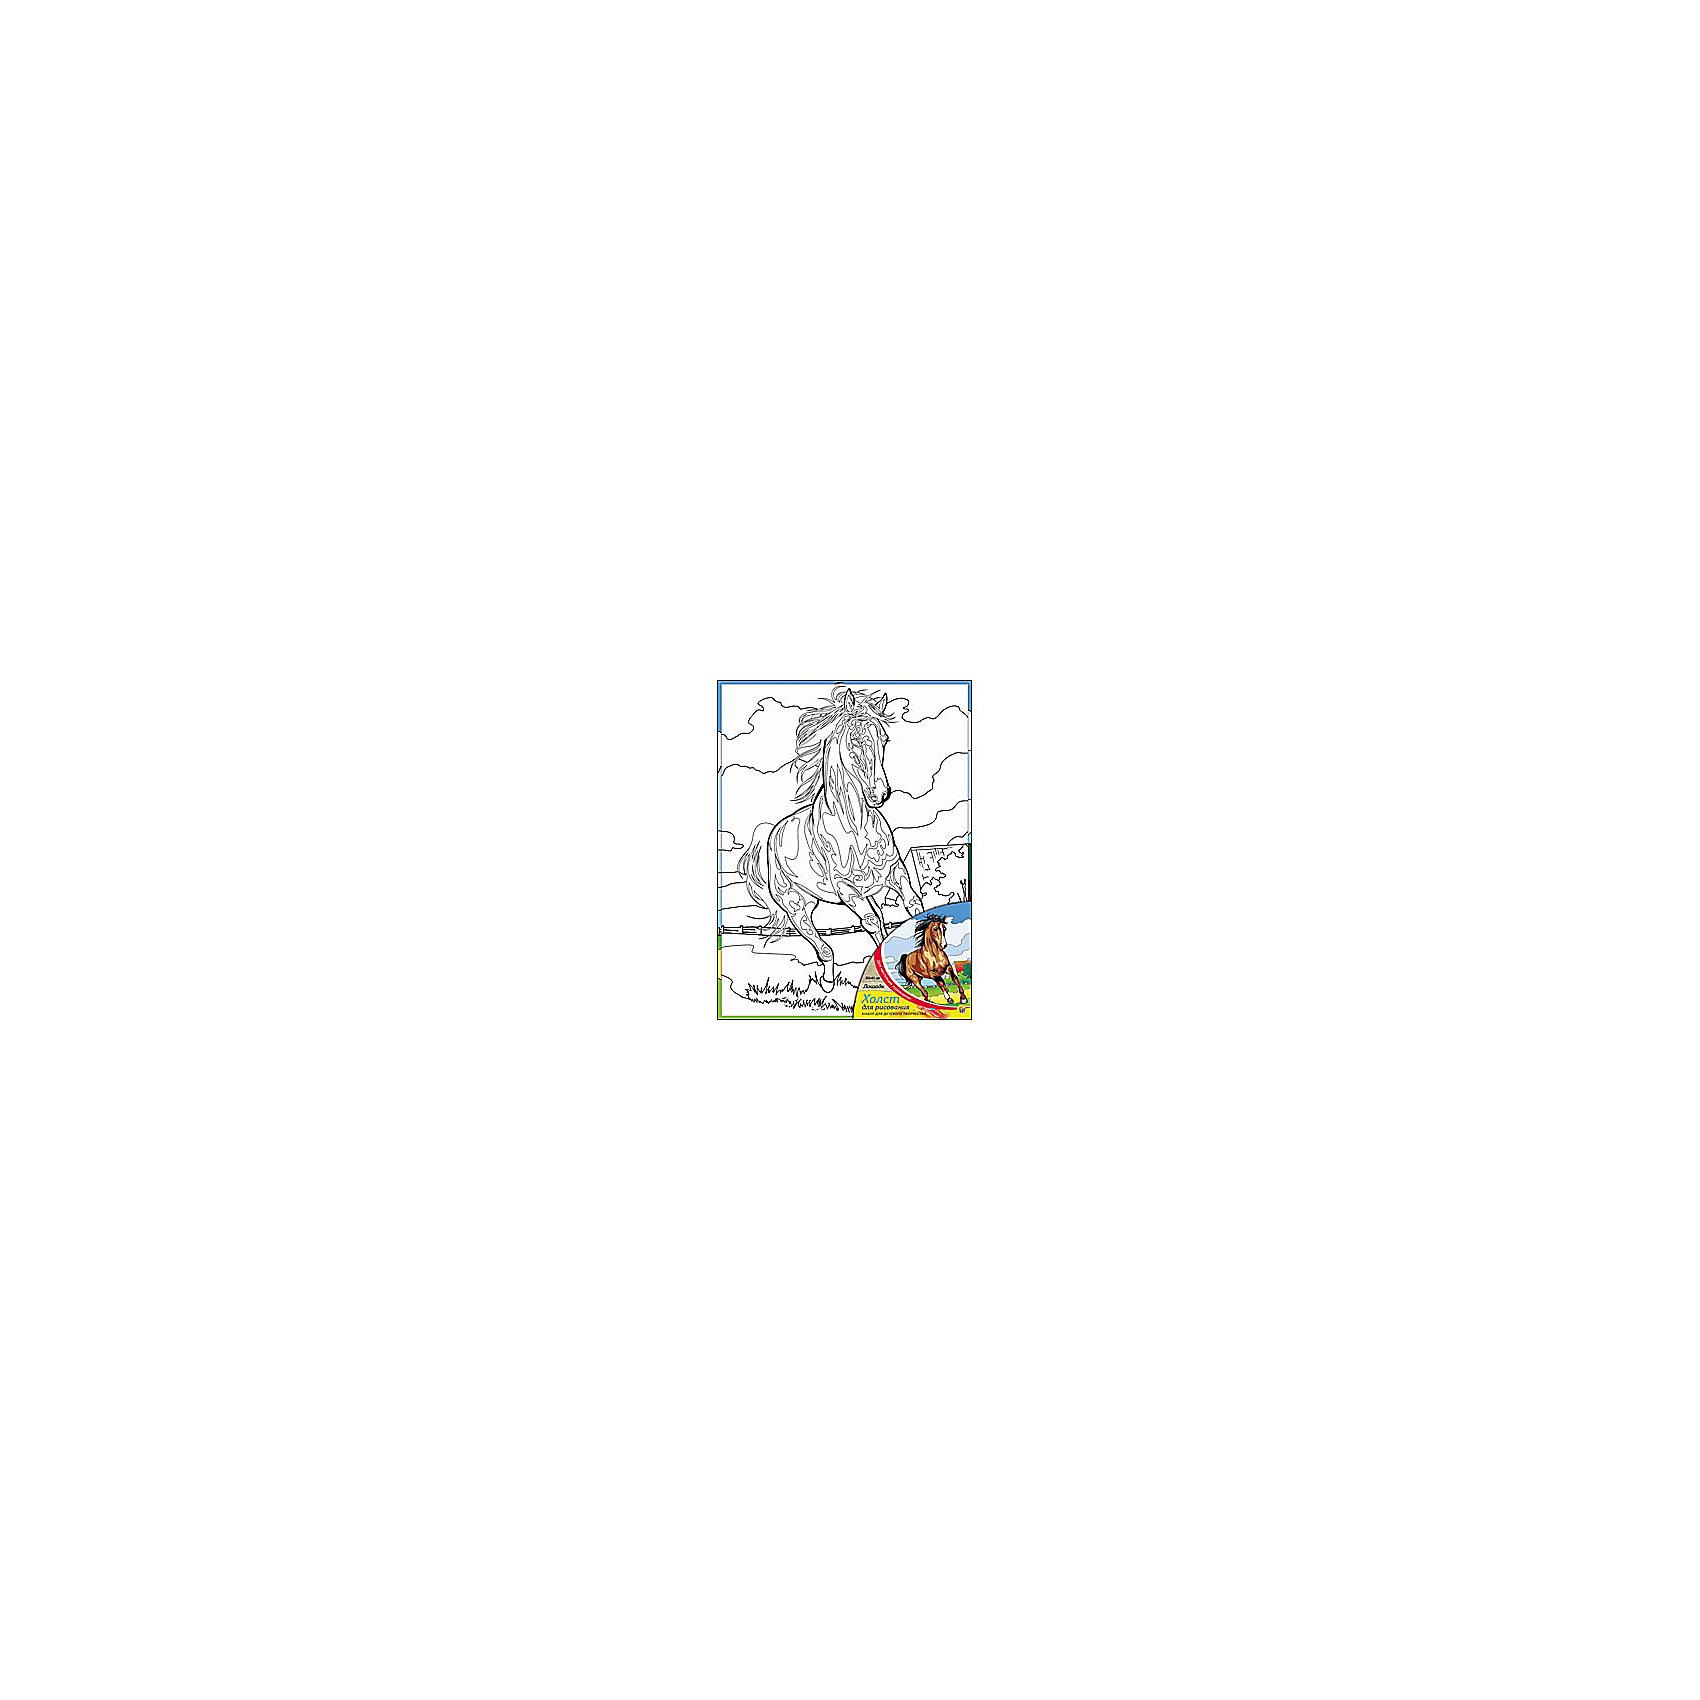 Холст с красками Лошадь 30х40 смРисование<br>замечательные наборы для создания уникального шедевра изобразительного искусства. Создание картин на специально подготовленной рабочей поверхности – это уникальная техника, позволяющая делать Ваши шедевры более яркими и реалистичными. Просто нанесите мазки на уже готовый эскиз и оживите картину! Готовые изделия могут стать украшением интерьера или прекрасным подарком близким и друзьям.<br><br>Ширина мм: 300<br>Глубина мм: 400<br>Высота мм: 15<br>Вес г: 733<br>Возраст от месяцев: 36<br>Возраст до месяцев: 108<br>Пол: Унисекс<br>Возраст: Детский<br>SKU: 5096748